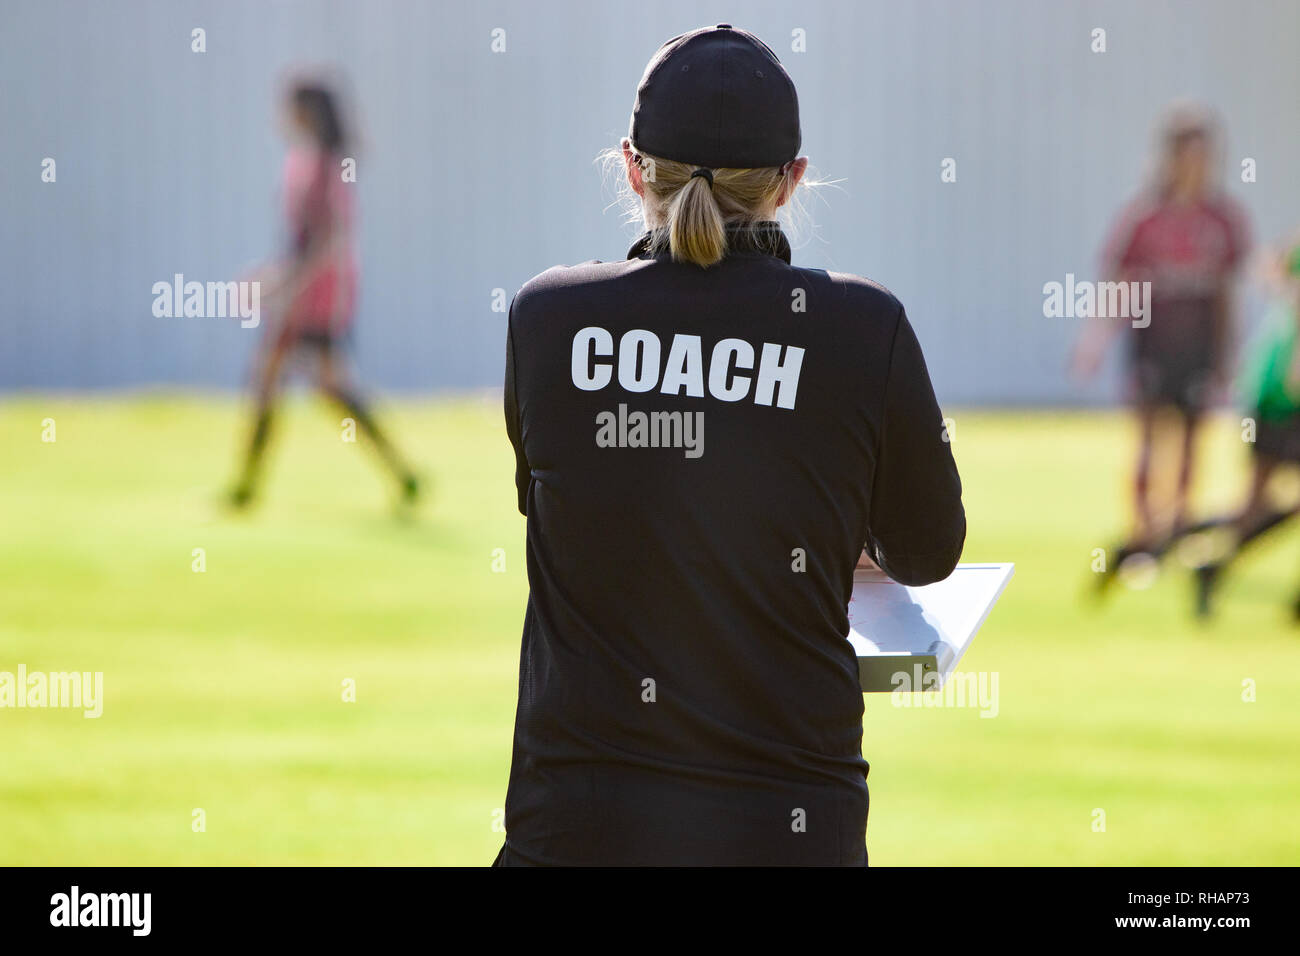 Ruckansicht Des Weiblichen Sport Trainer In Schwarze Trainer